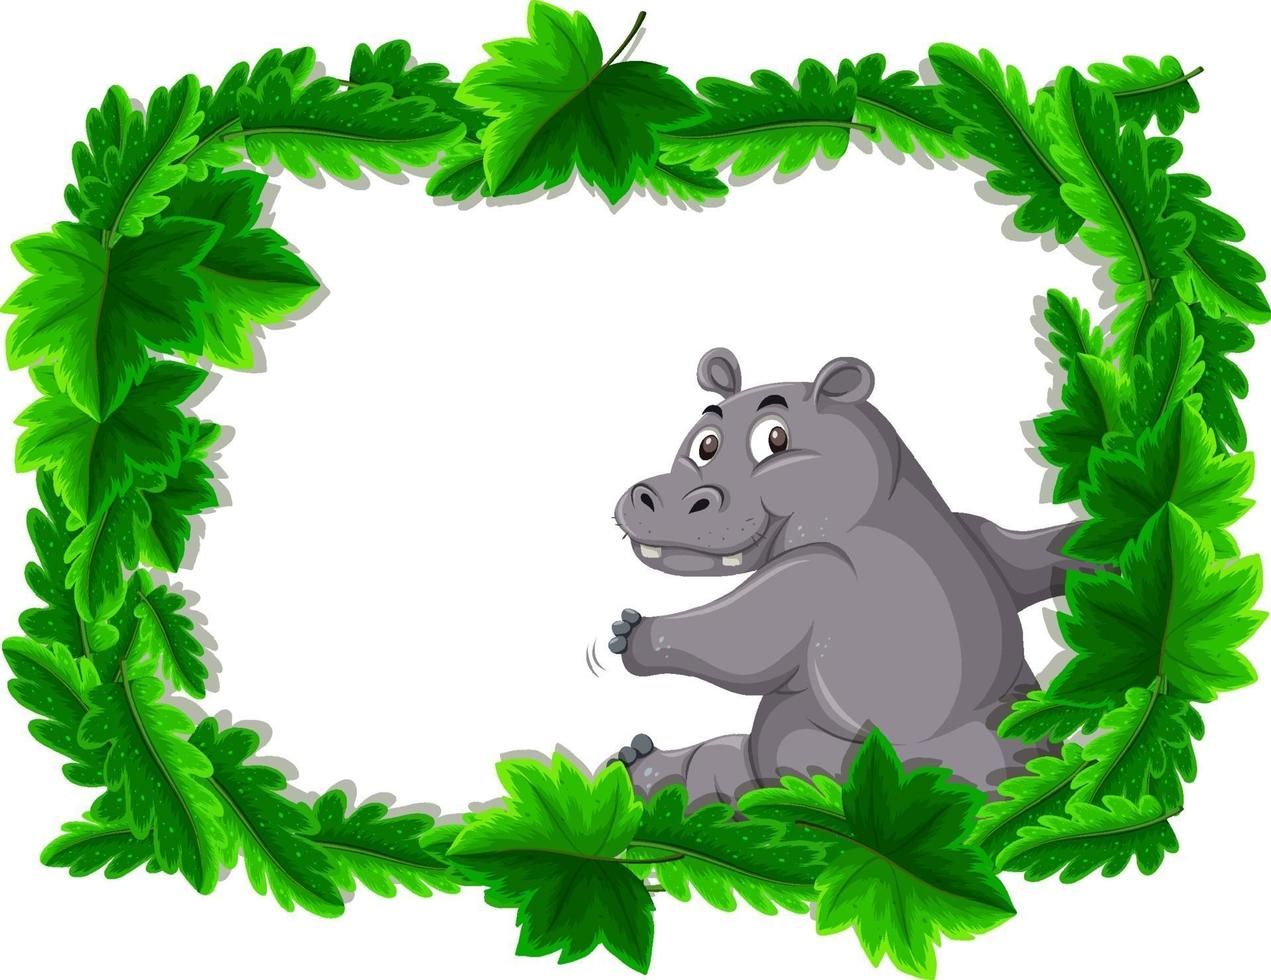 leeres Banner mit tropischem Blattrahmen und Nilpferd-Zeichentrickfigur vektor